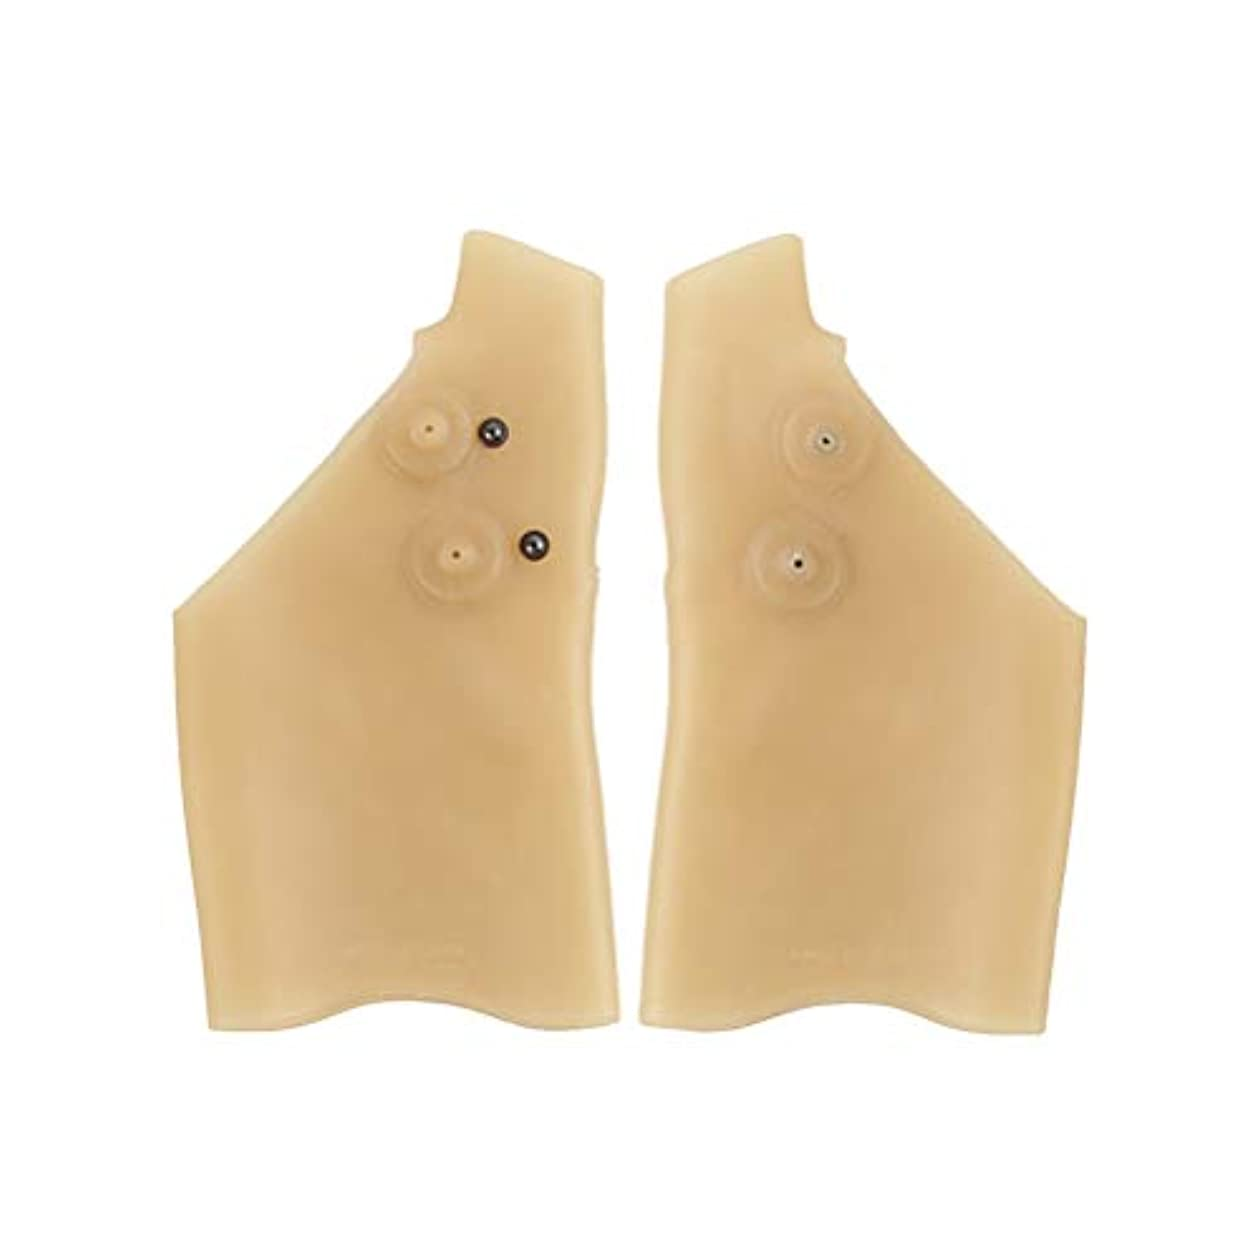 成人期刑務所参照Healifty 手の保護のための磁気防水手袋の手首の固定手袋